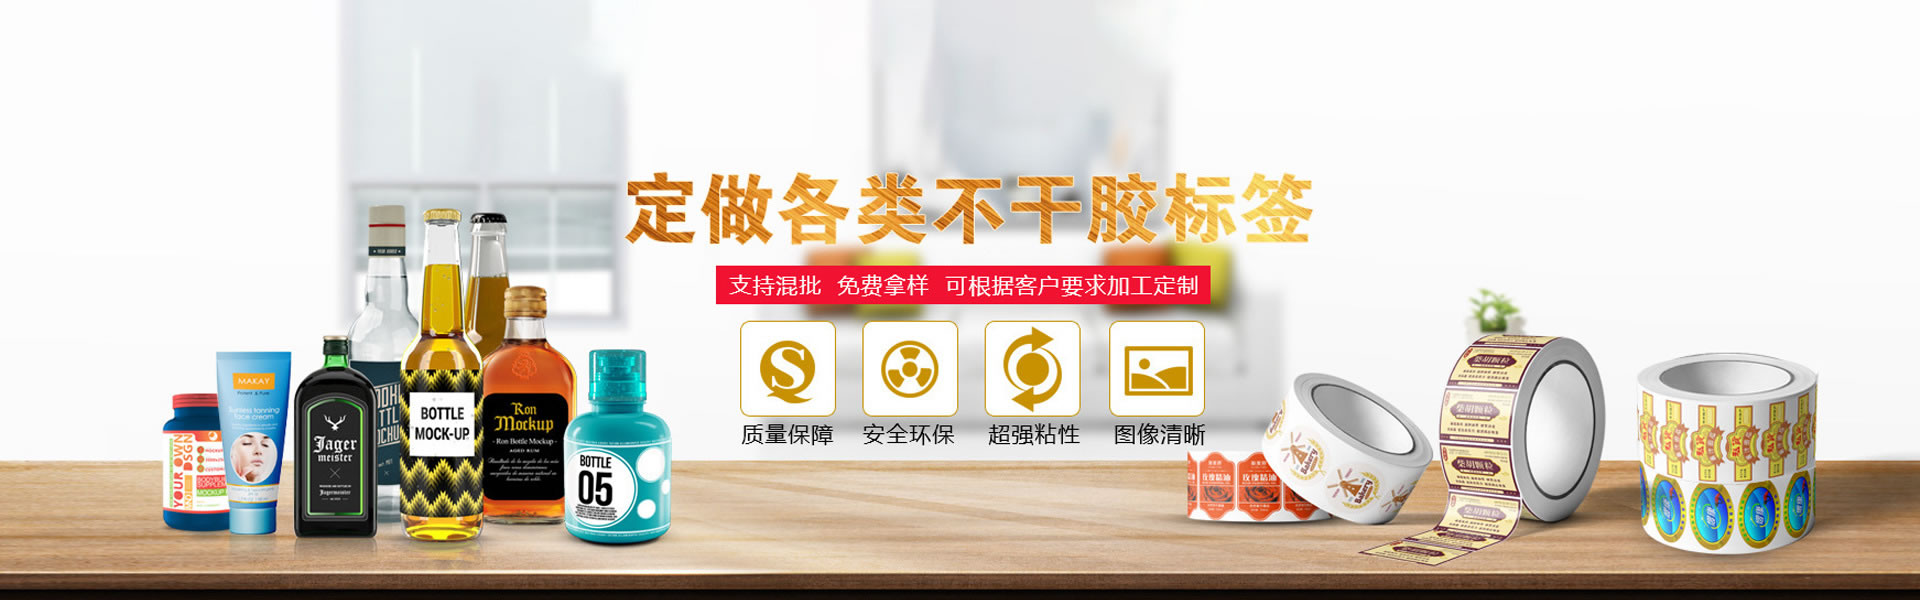 北京快乐8网站-首页_WelcomeydtW_印刷不干胶标签厂家